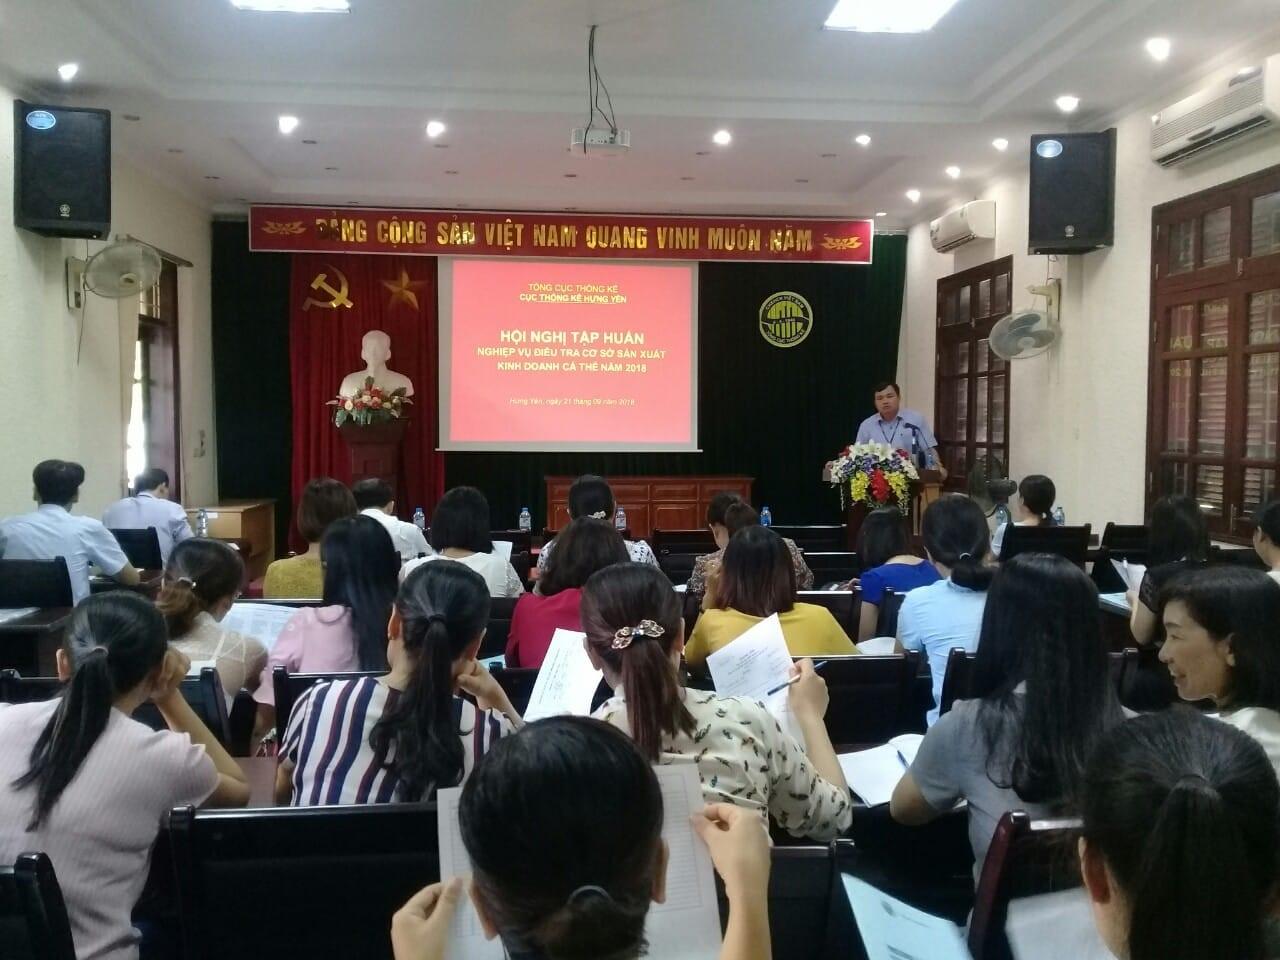 Hội nghị tập huấn nghiệp vụ Điều tra cơ sở sản xuất kinh doanh cá thể năm 2018